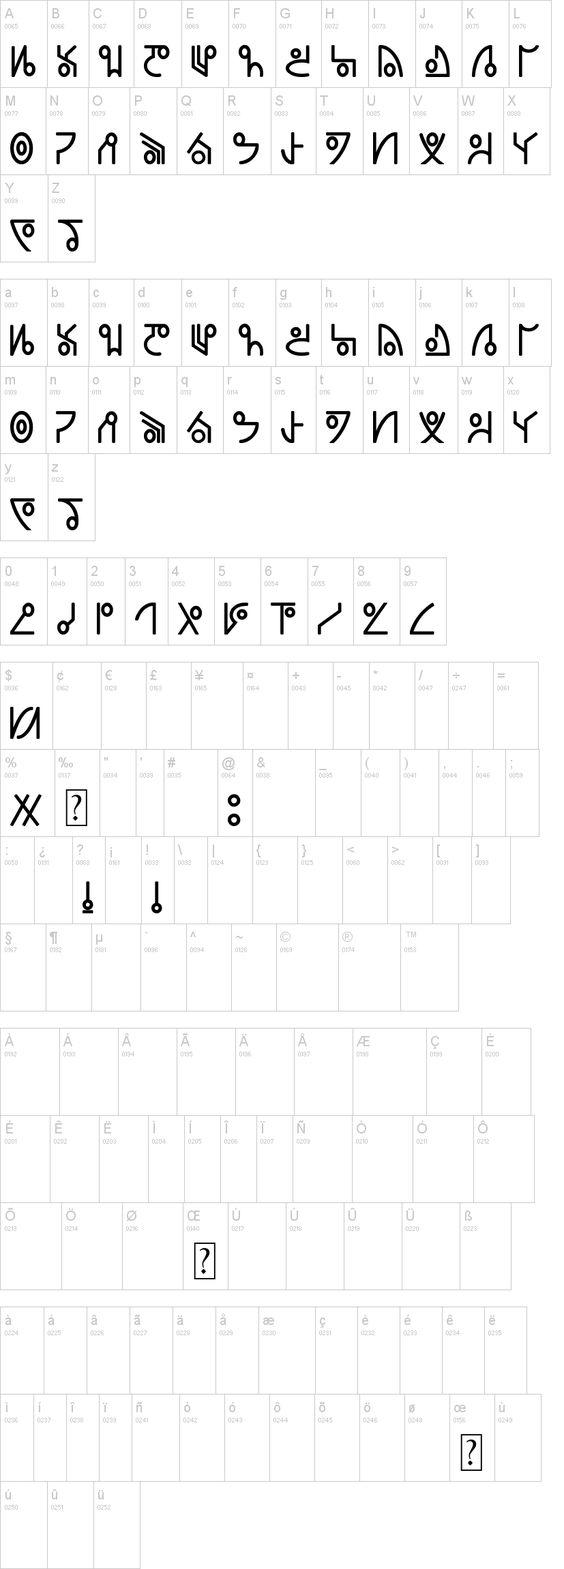 46 Best Fictional Alphabets images | Fontes, Desenhos ...